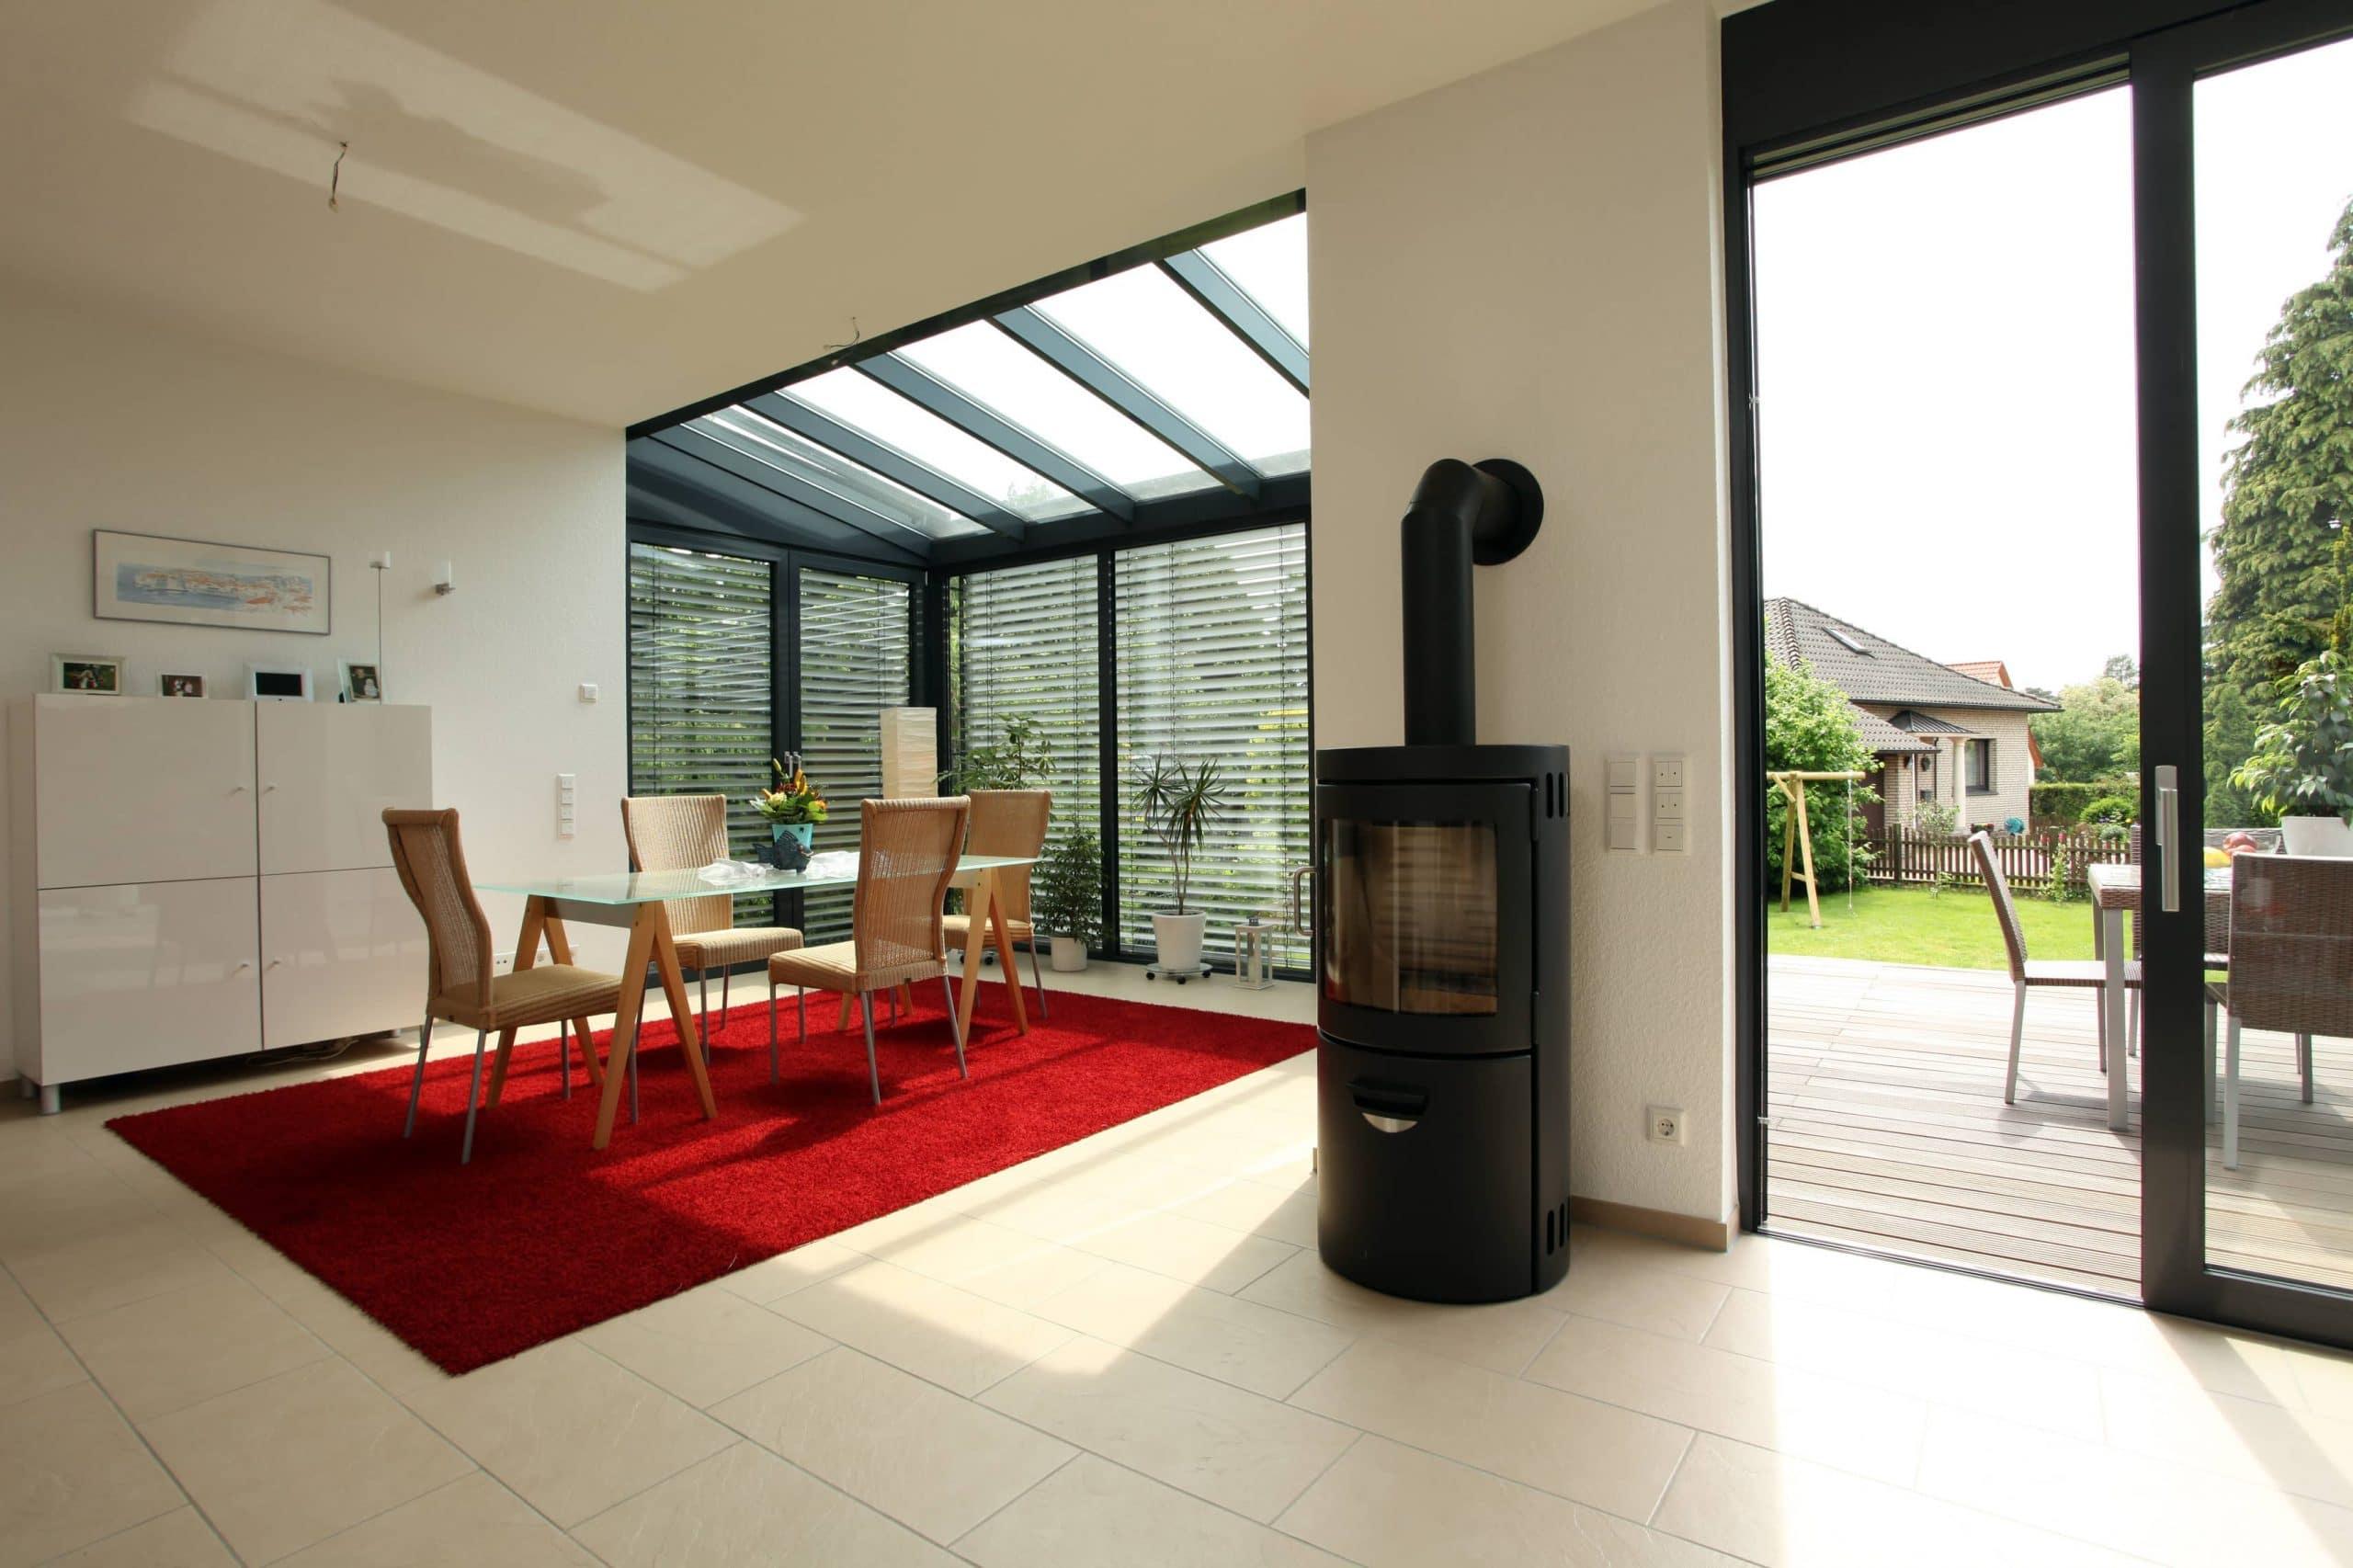 Maisons Clair Logis : la maison bioclimatique